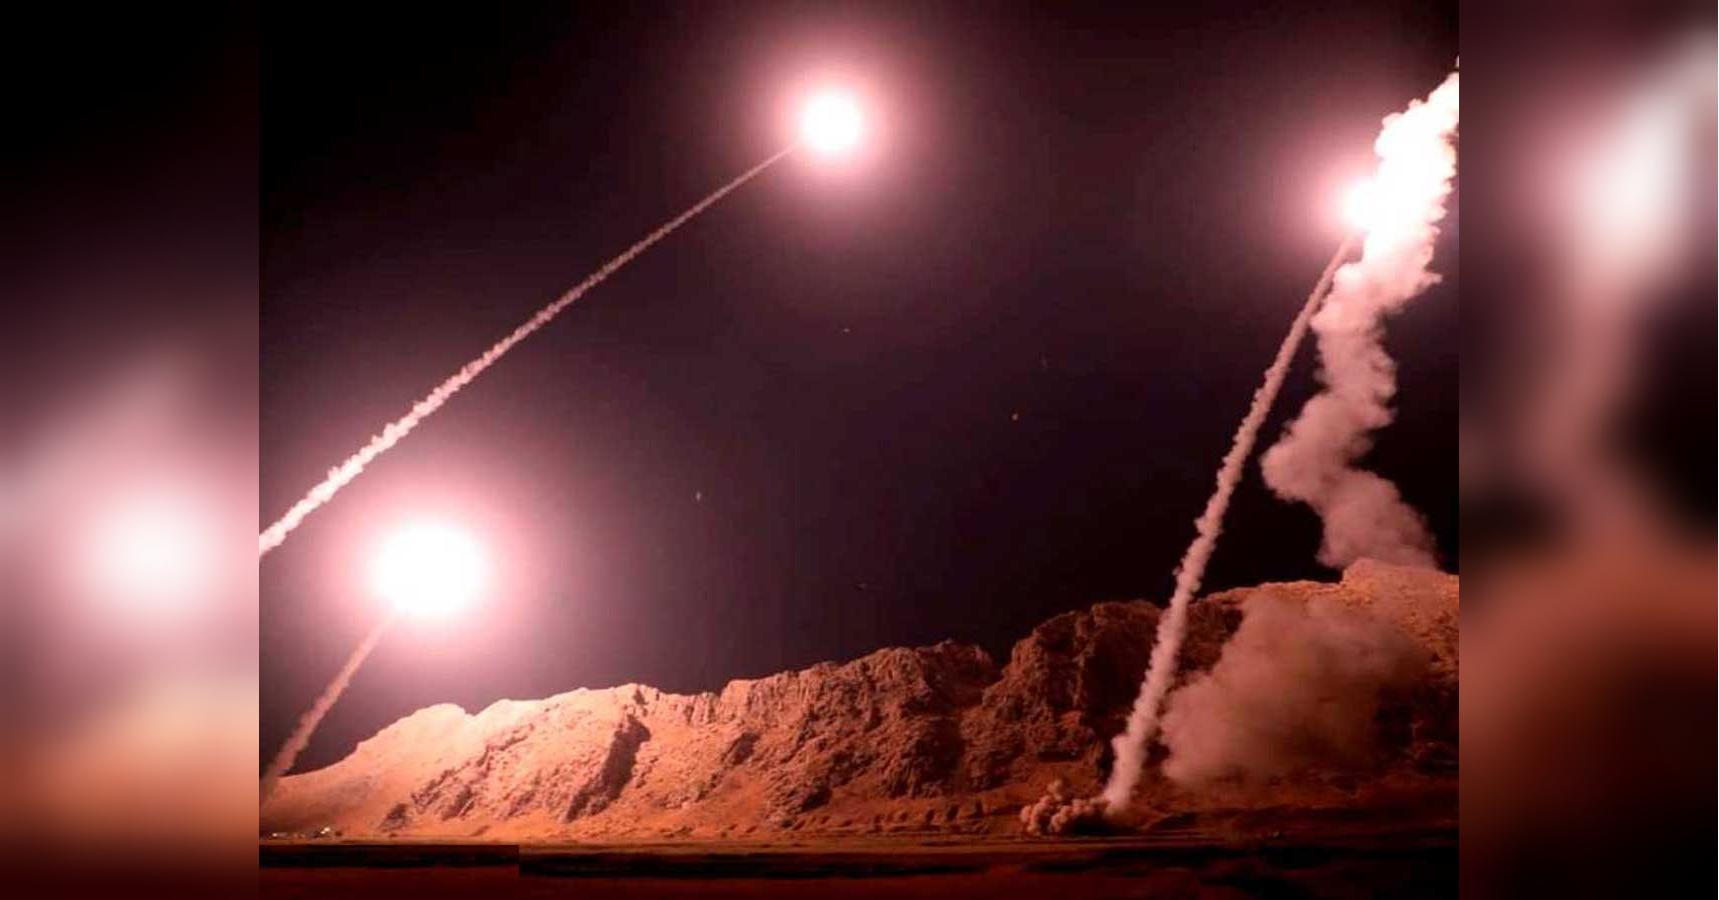 Иран запустил 15 баллистических ракет по военным США с баз КСИР в провинции Керманшах: детали